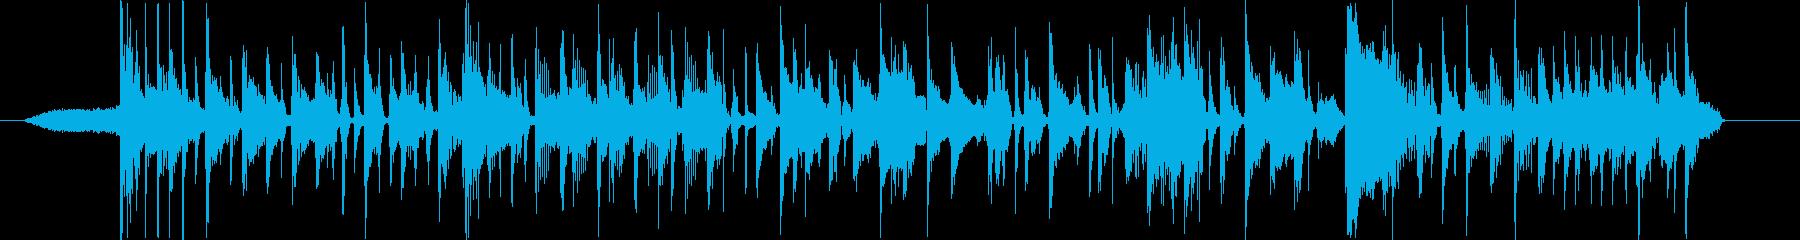 パンチのあるスラップベースの再生済みの波形